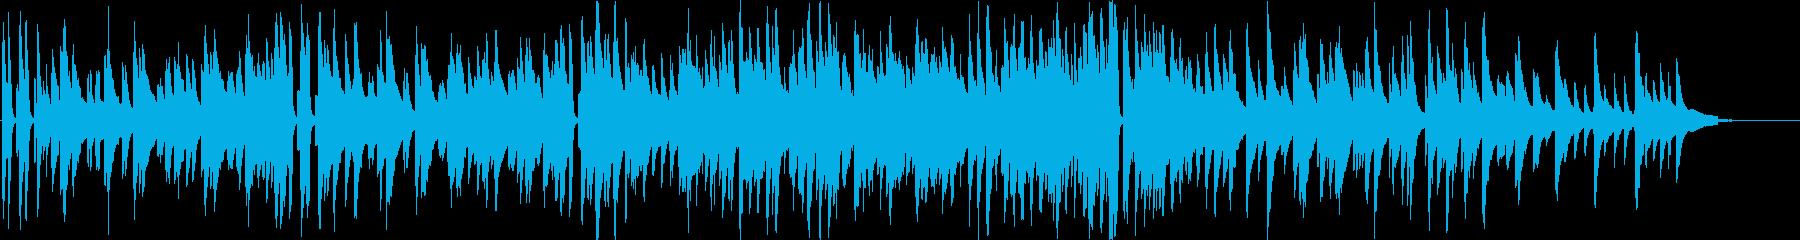 ピアノメインの落ち着いたジャズの再生済みの波形